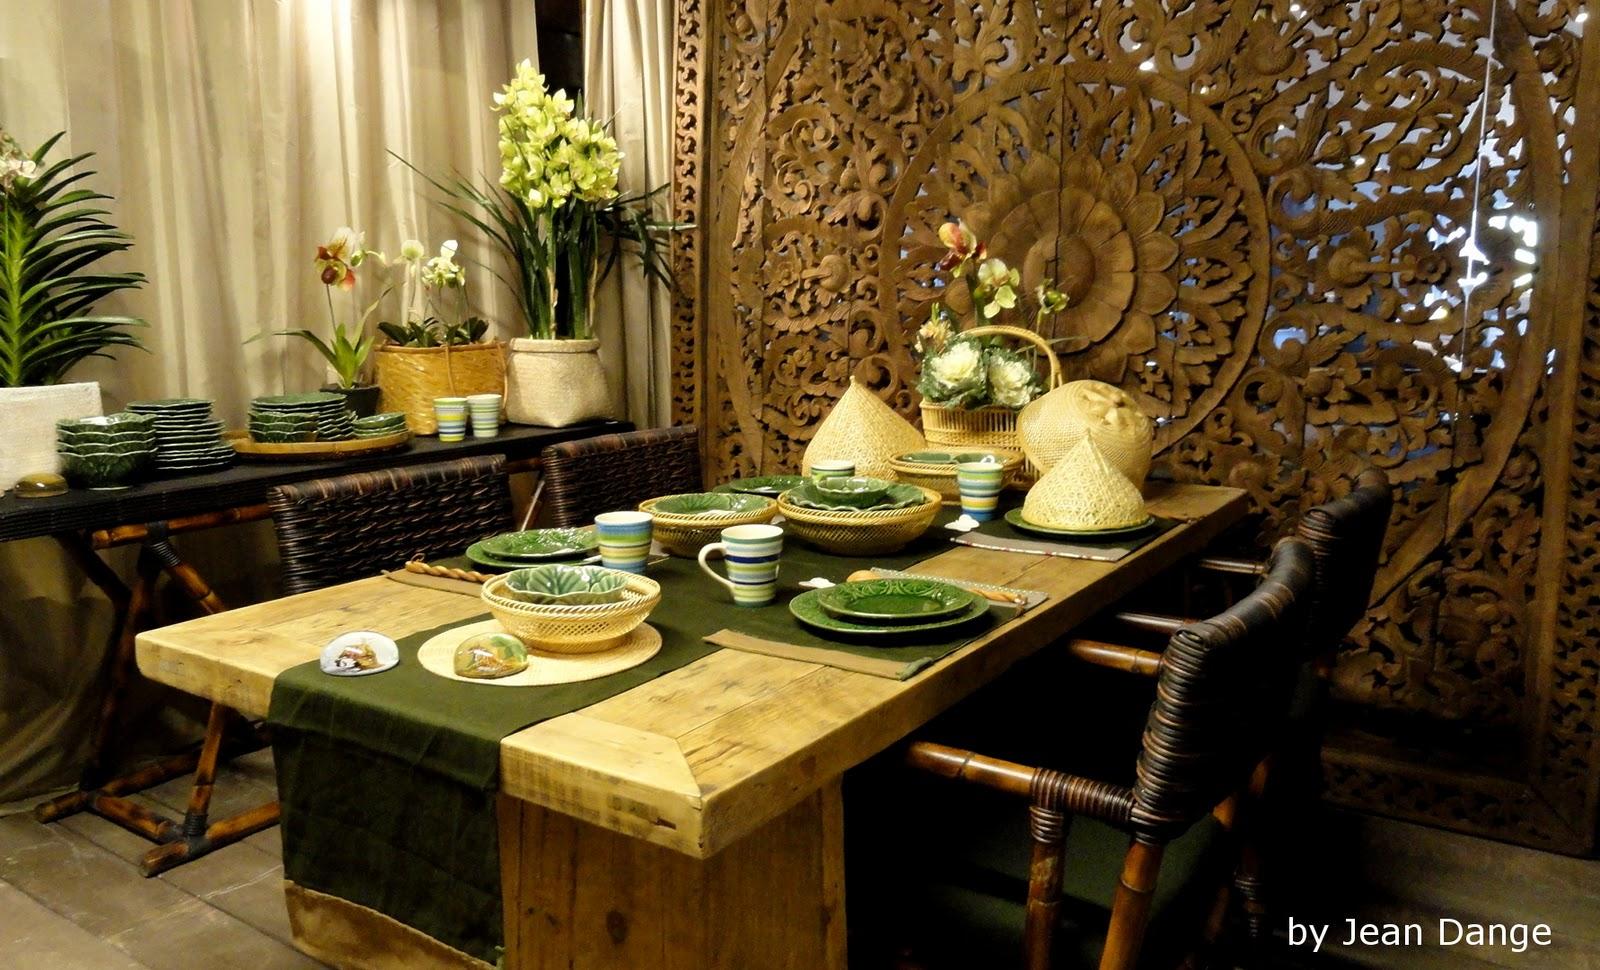 jean dange october 2011. Black Bedroom Furniture Sets. Home Design Ideas